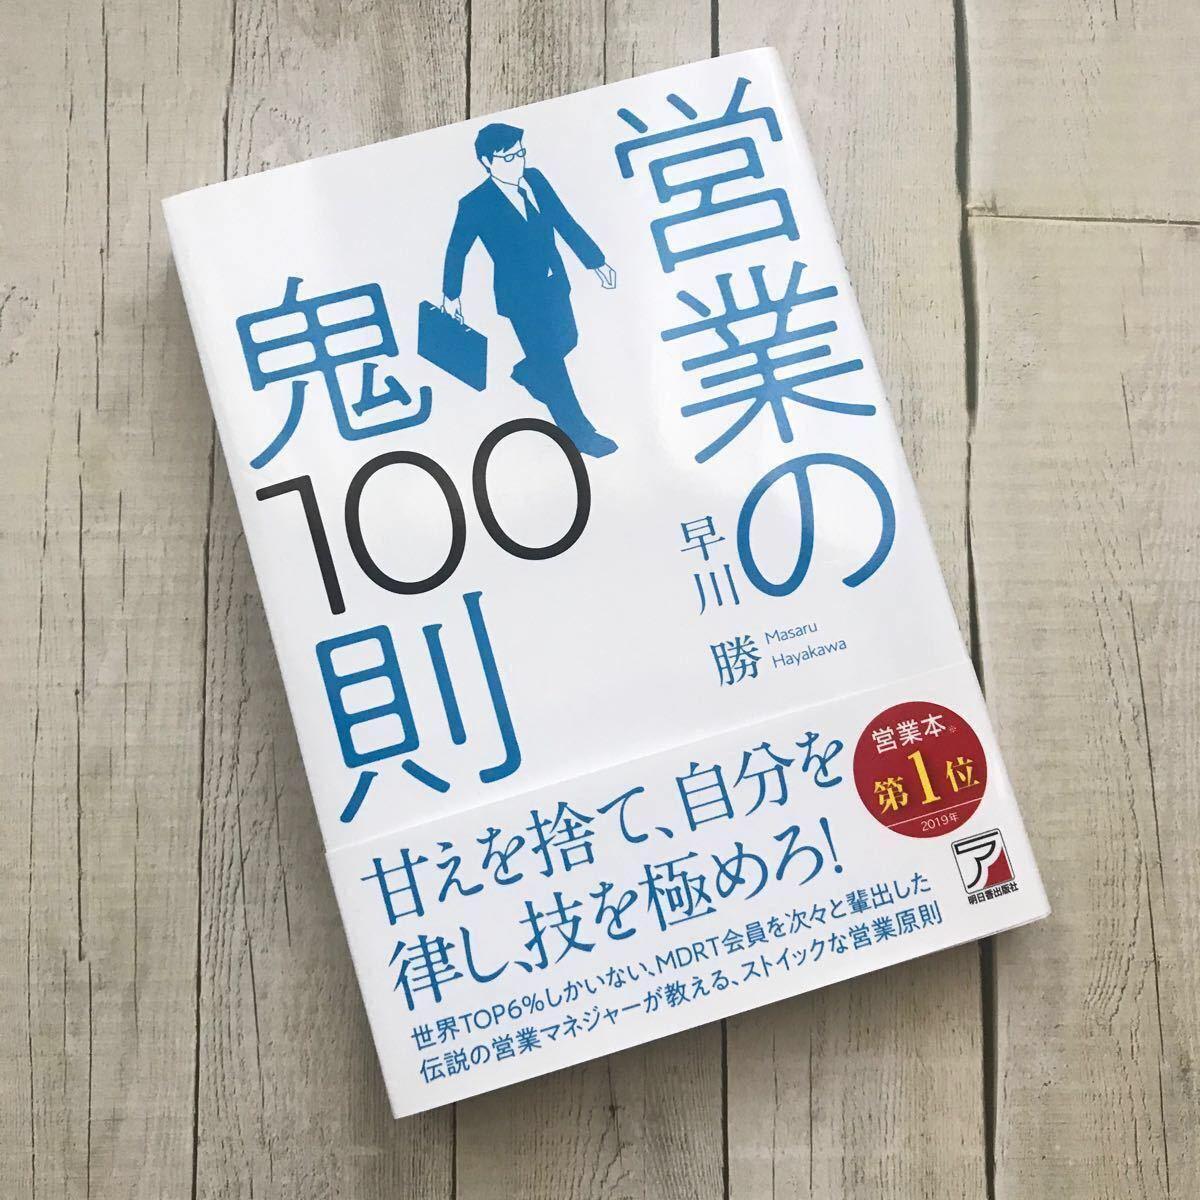 営業の鬼100則/早川勝